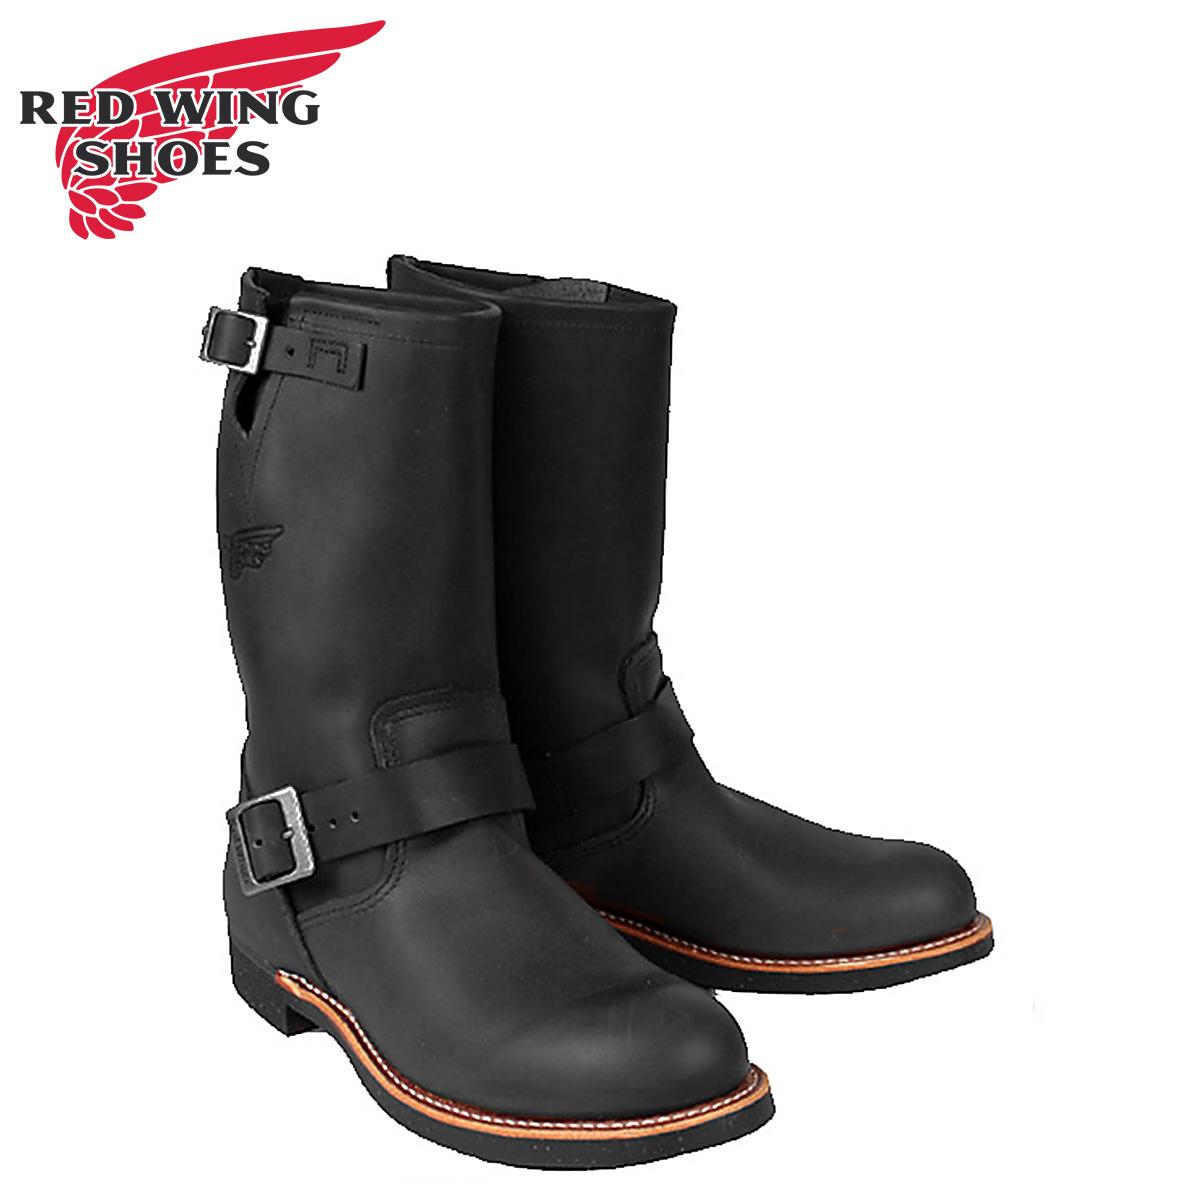 レッドウィング RED WING ブーツ 2990 エンジニアブーツ ENGINEER Dワイズ ブラック メンズ レディース